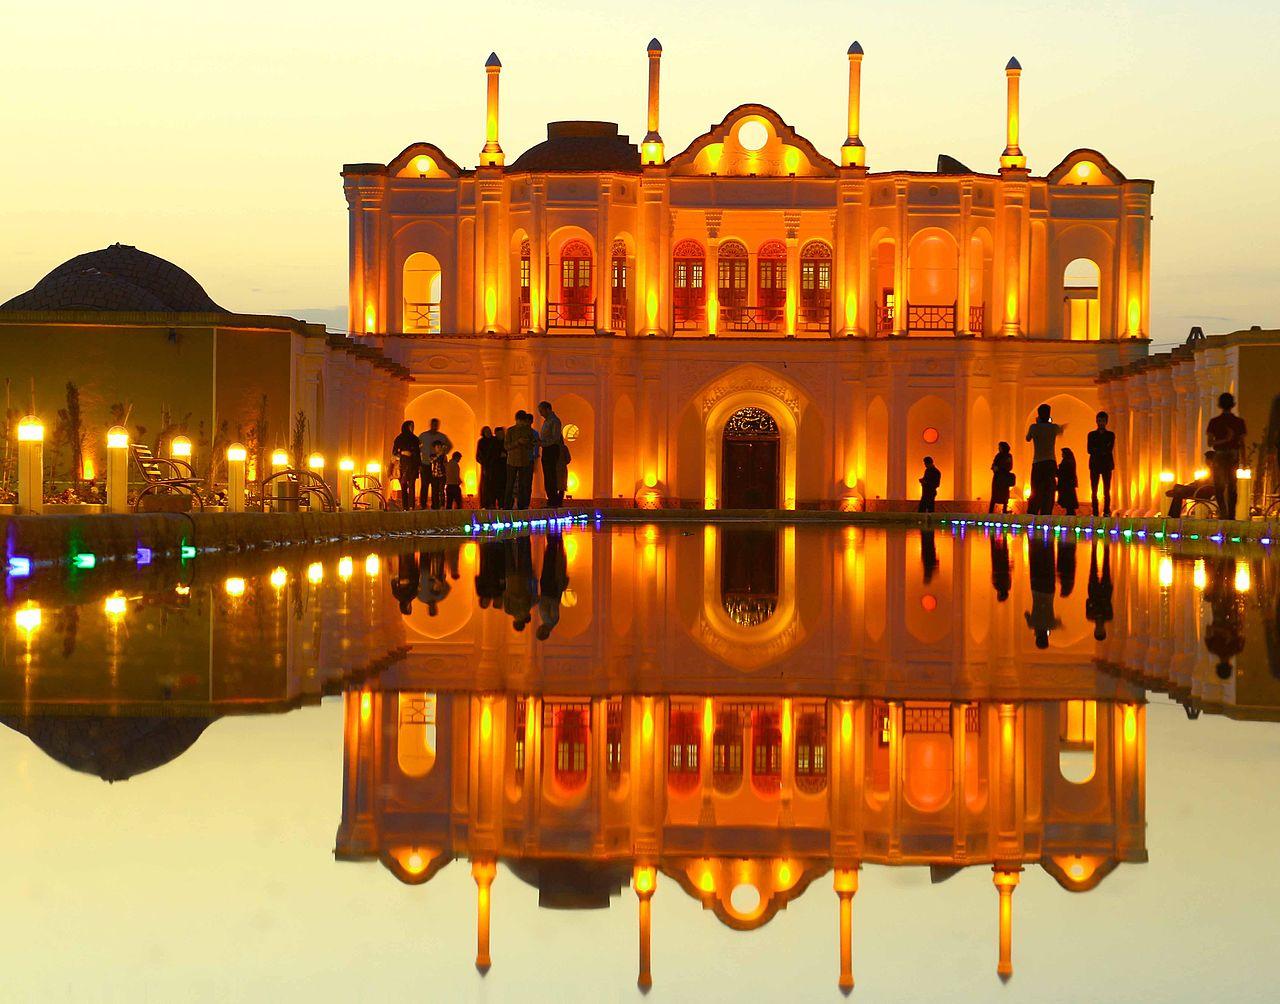 این اثر در تاریخ ۱۲ بهمن ۱۳۸۱ با شمارهٔ ثبت ۷۲۸۴ بهعنوان یکی از آثار ملی ایران به ثبت رسیدهاست.